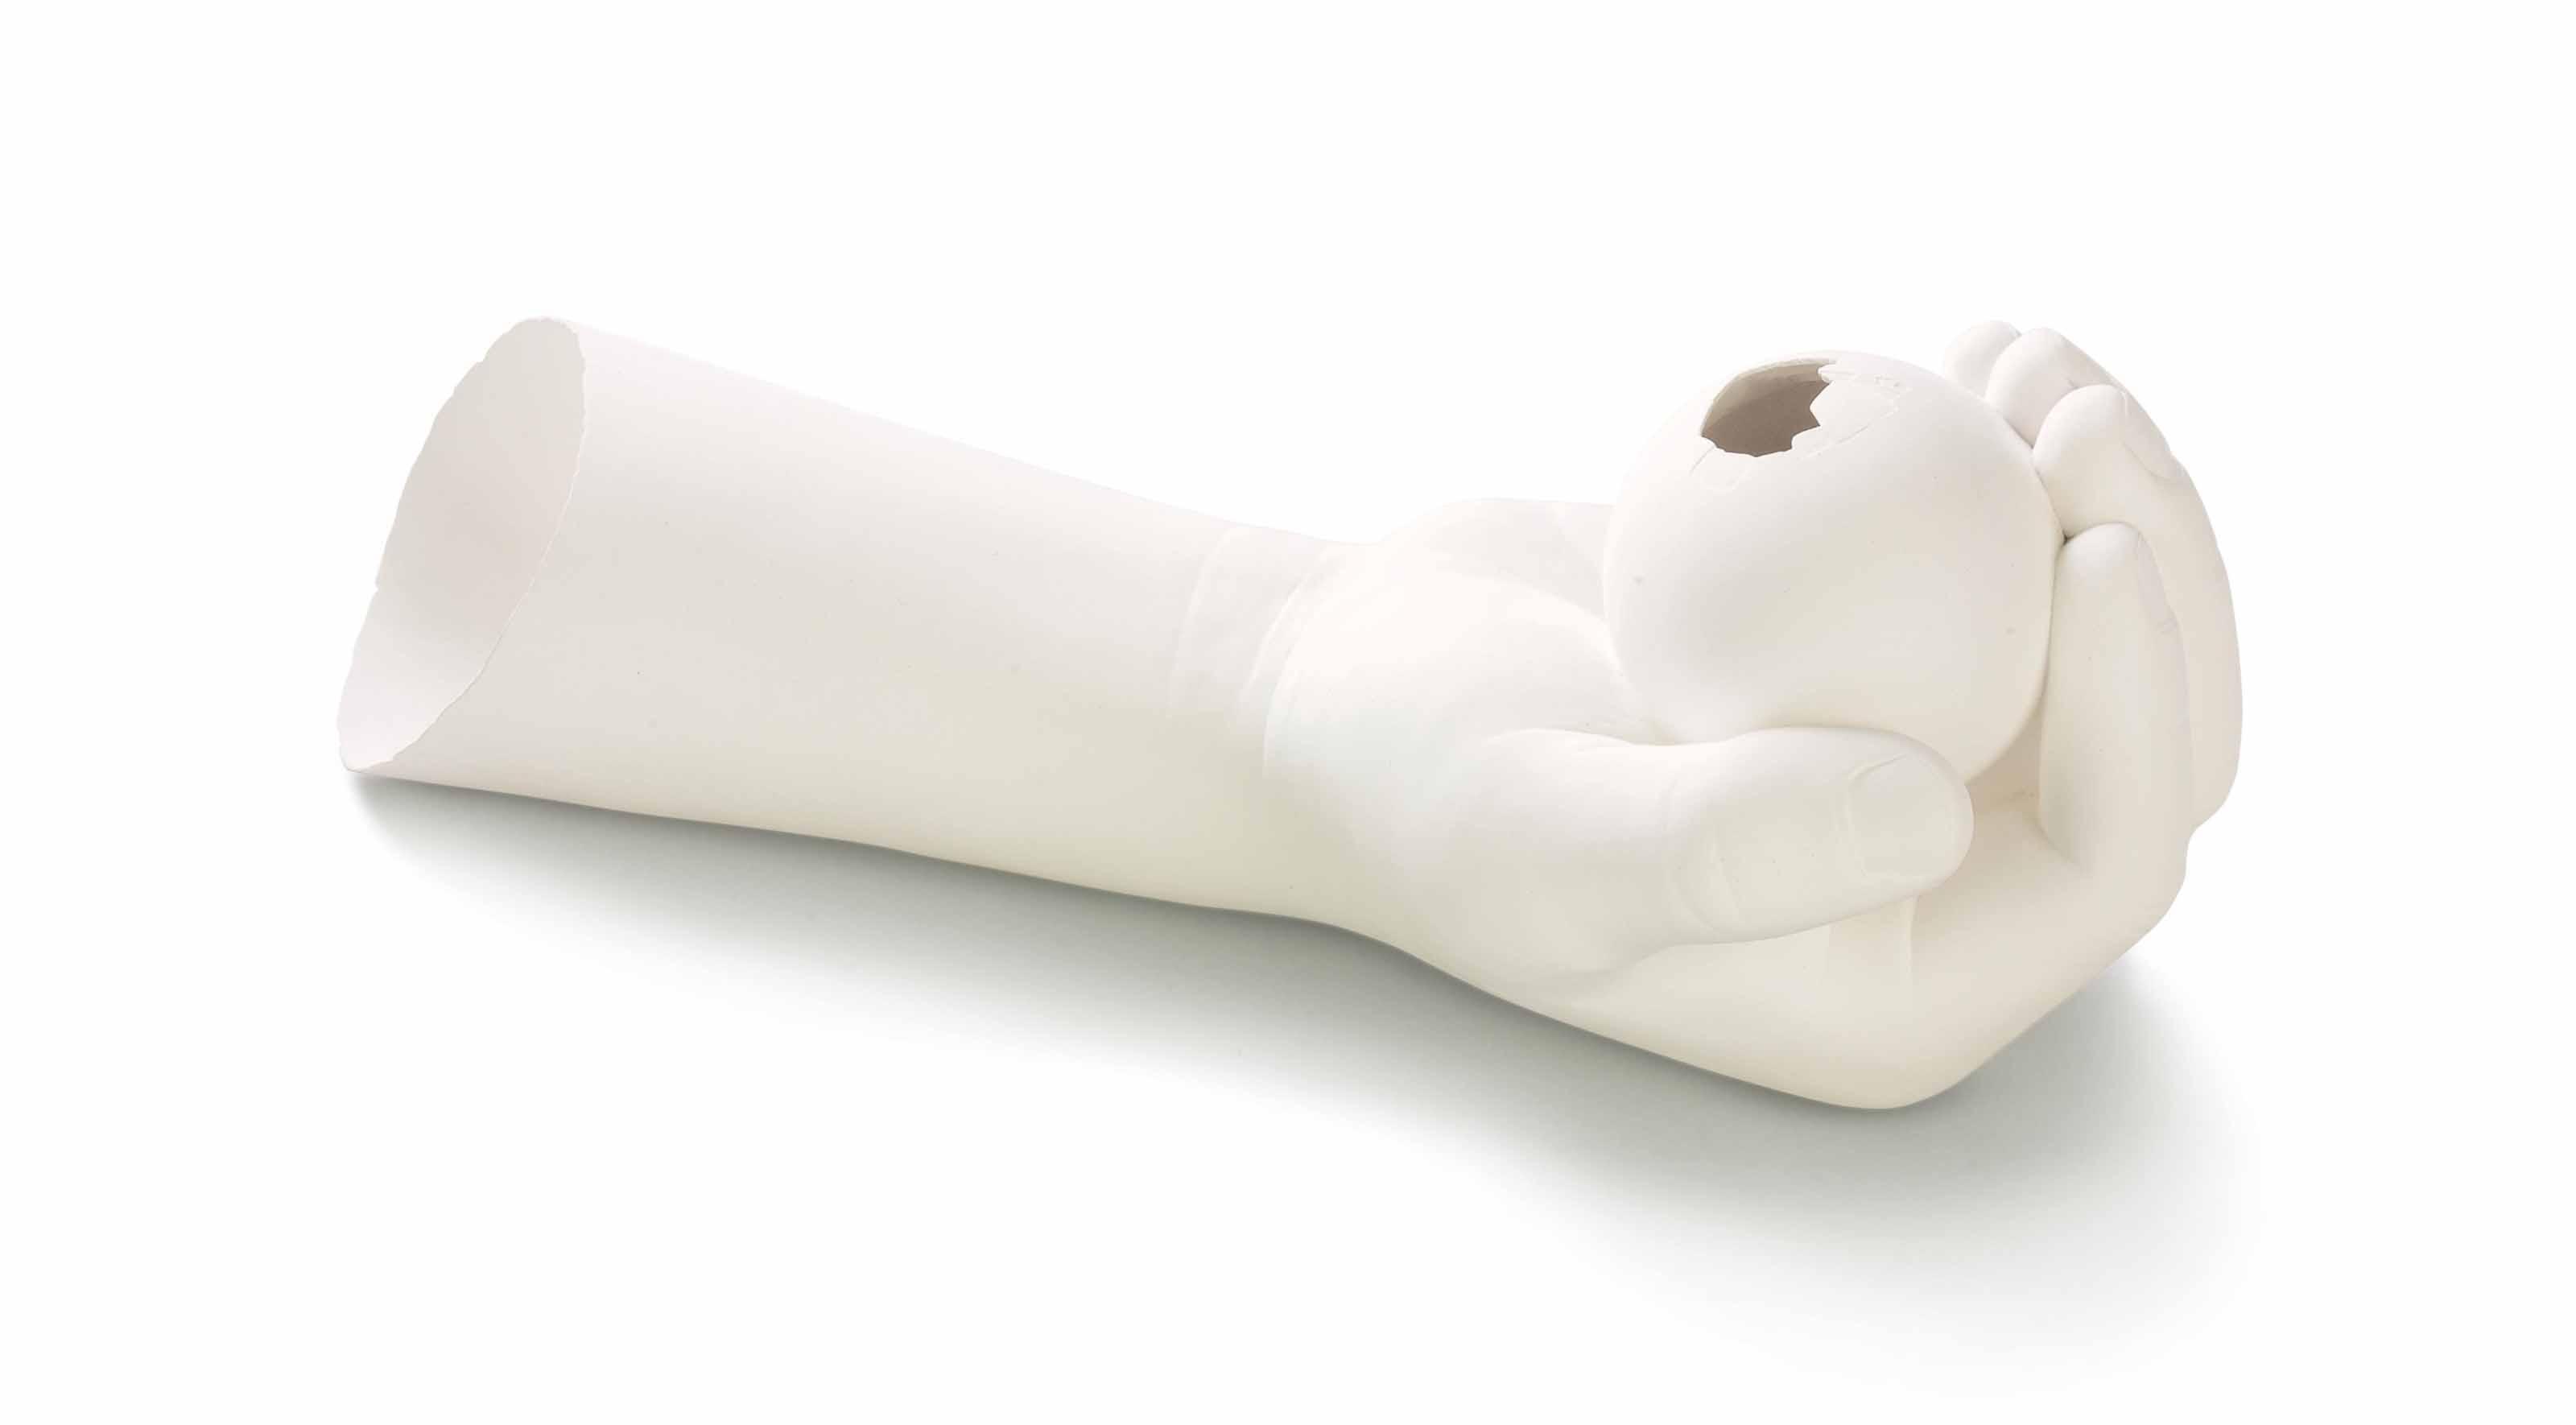 Hand Holding Egg